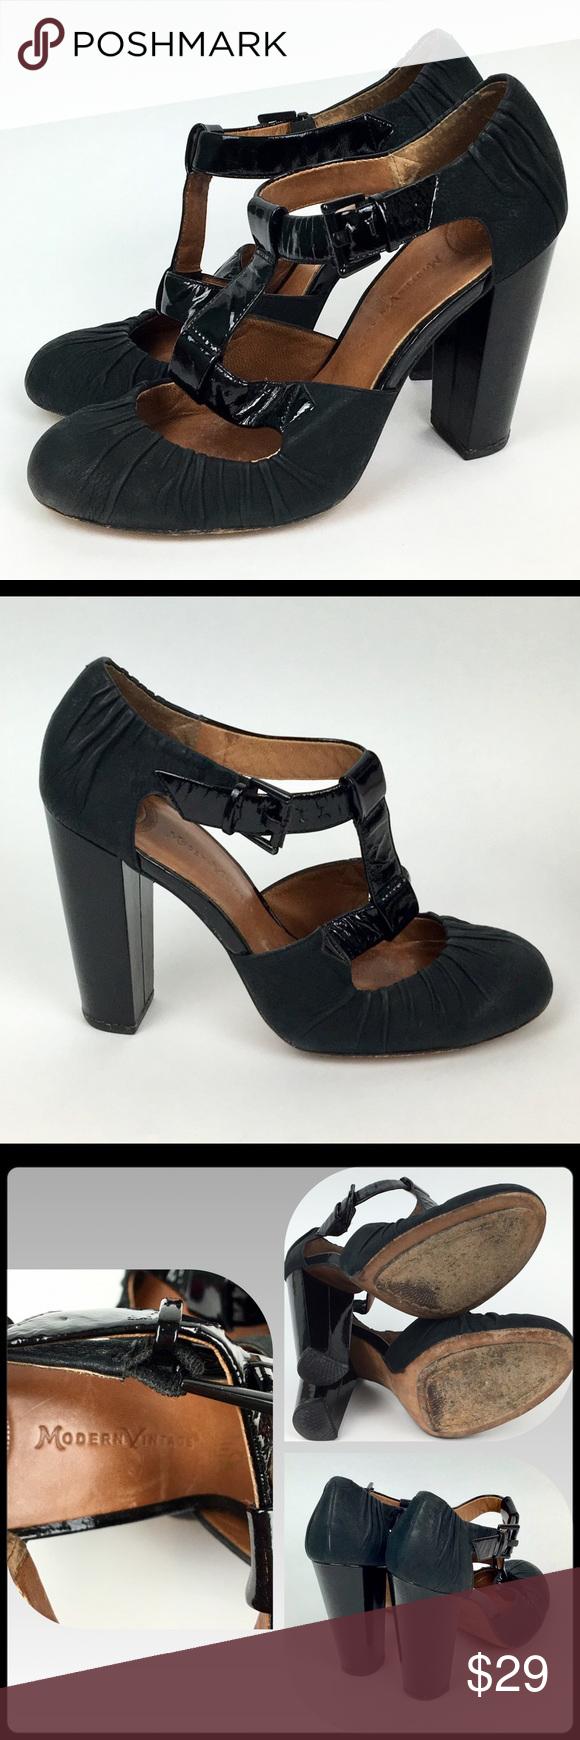 bb150b974d2333 Modern Vintage Black T-Strap Platform Heels 7M  37 Stunning Modern Vintage  Black T-Strap 4